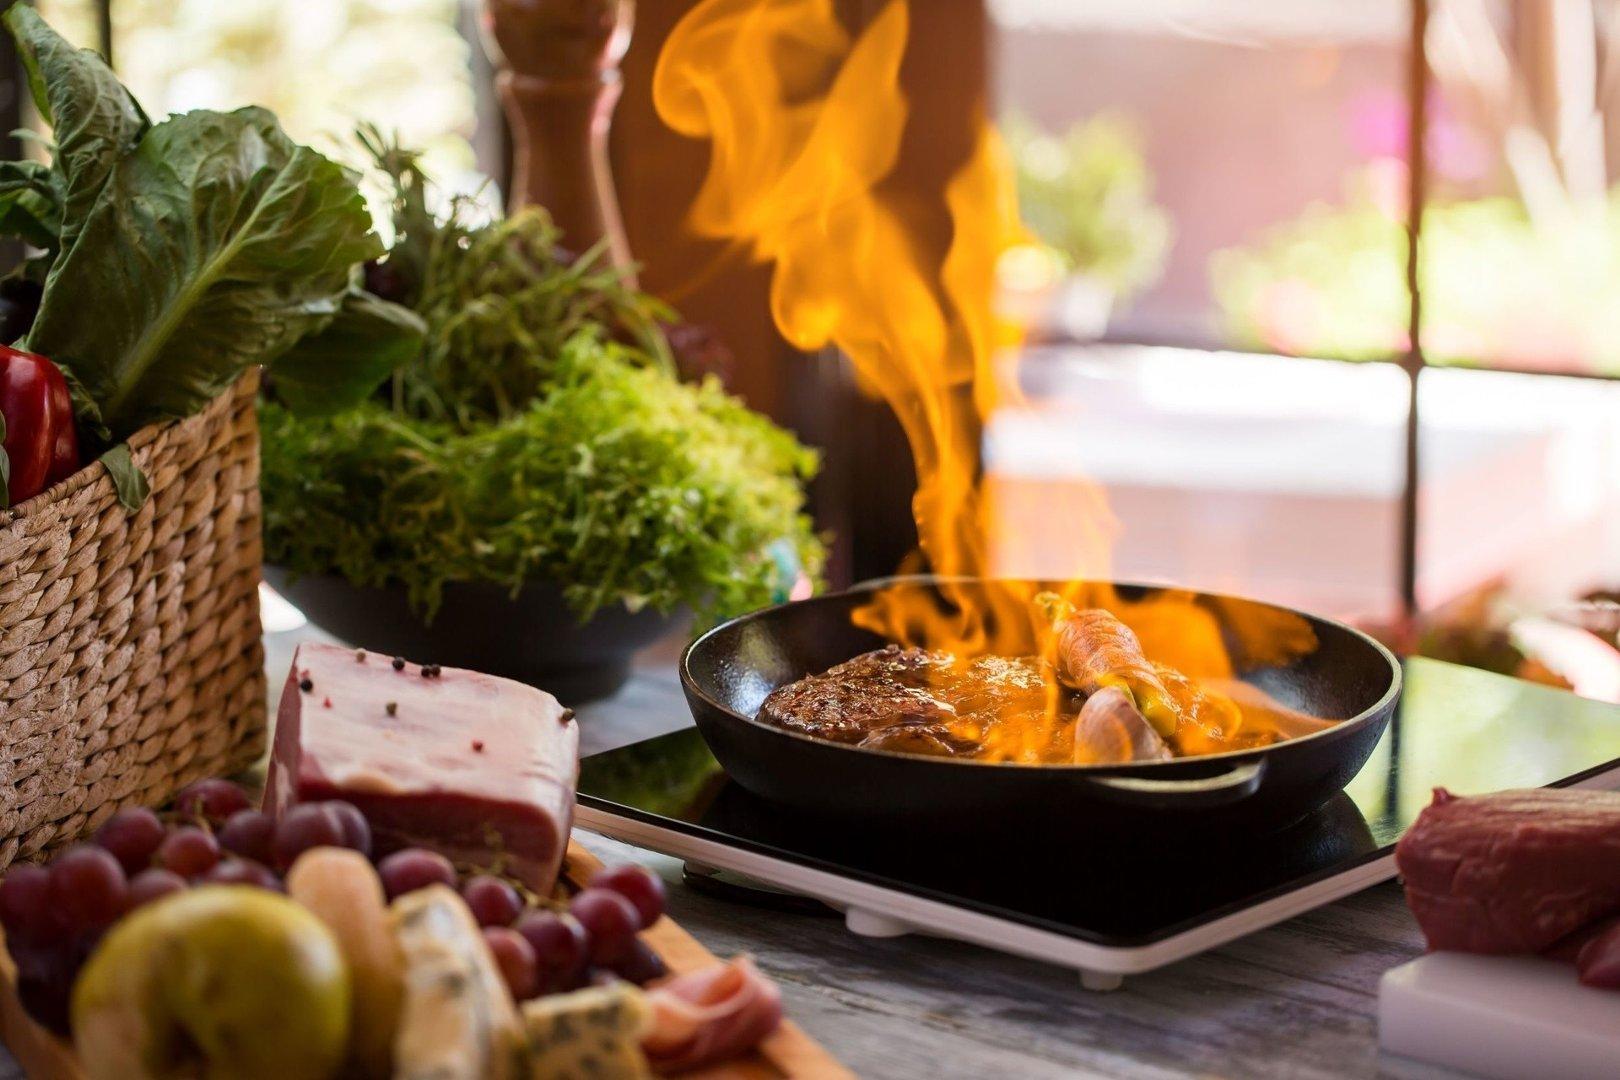 Obrobka Zywnosci Czego Nie Wiemy Jeszcze O Gotowaniu Poradnik